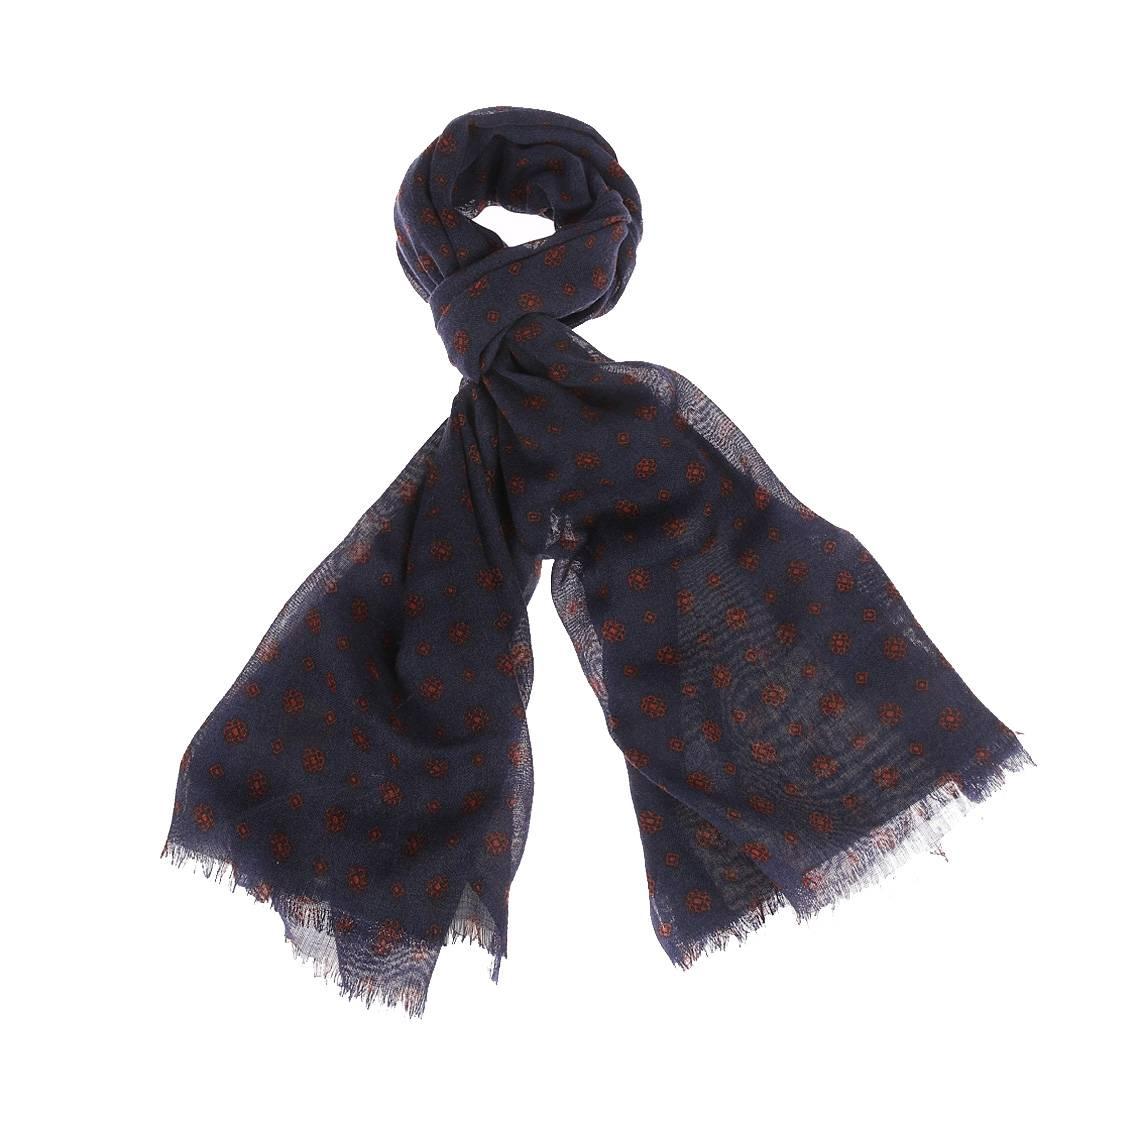 Chèche  en laine bleu marine à motifs marron et noirs